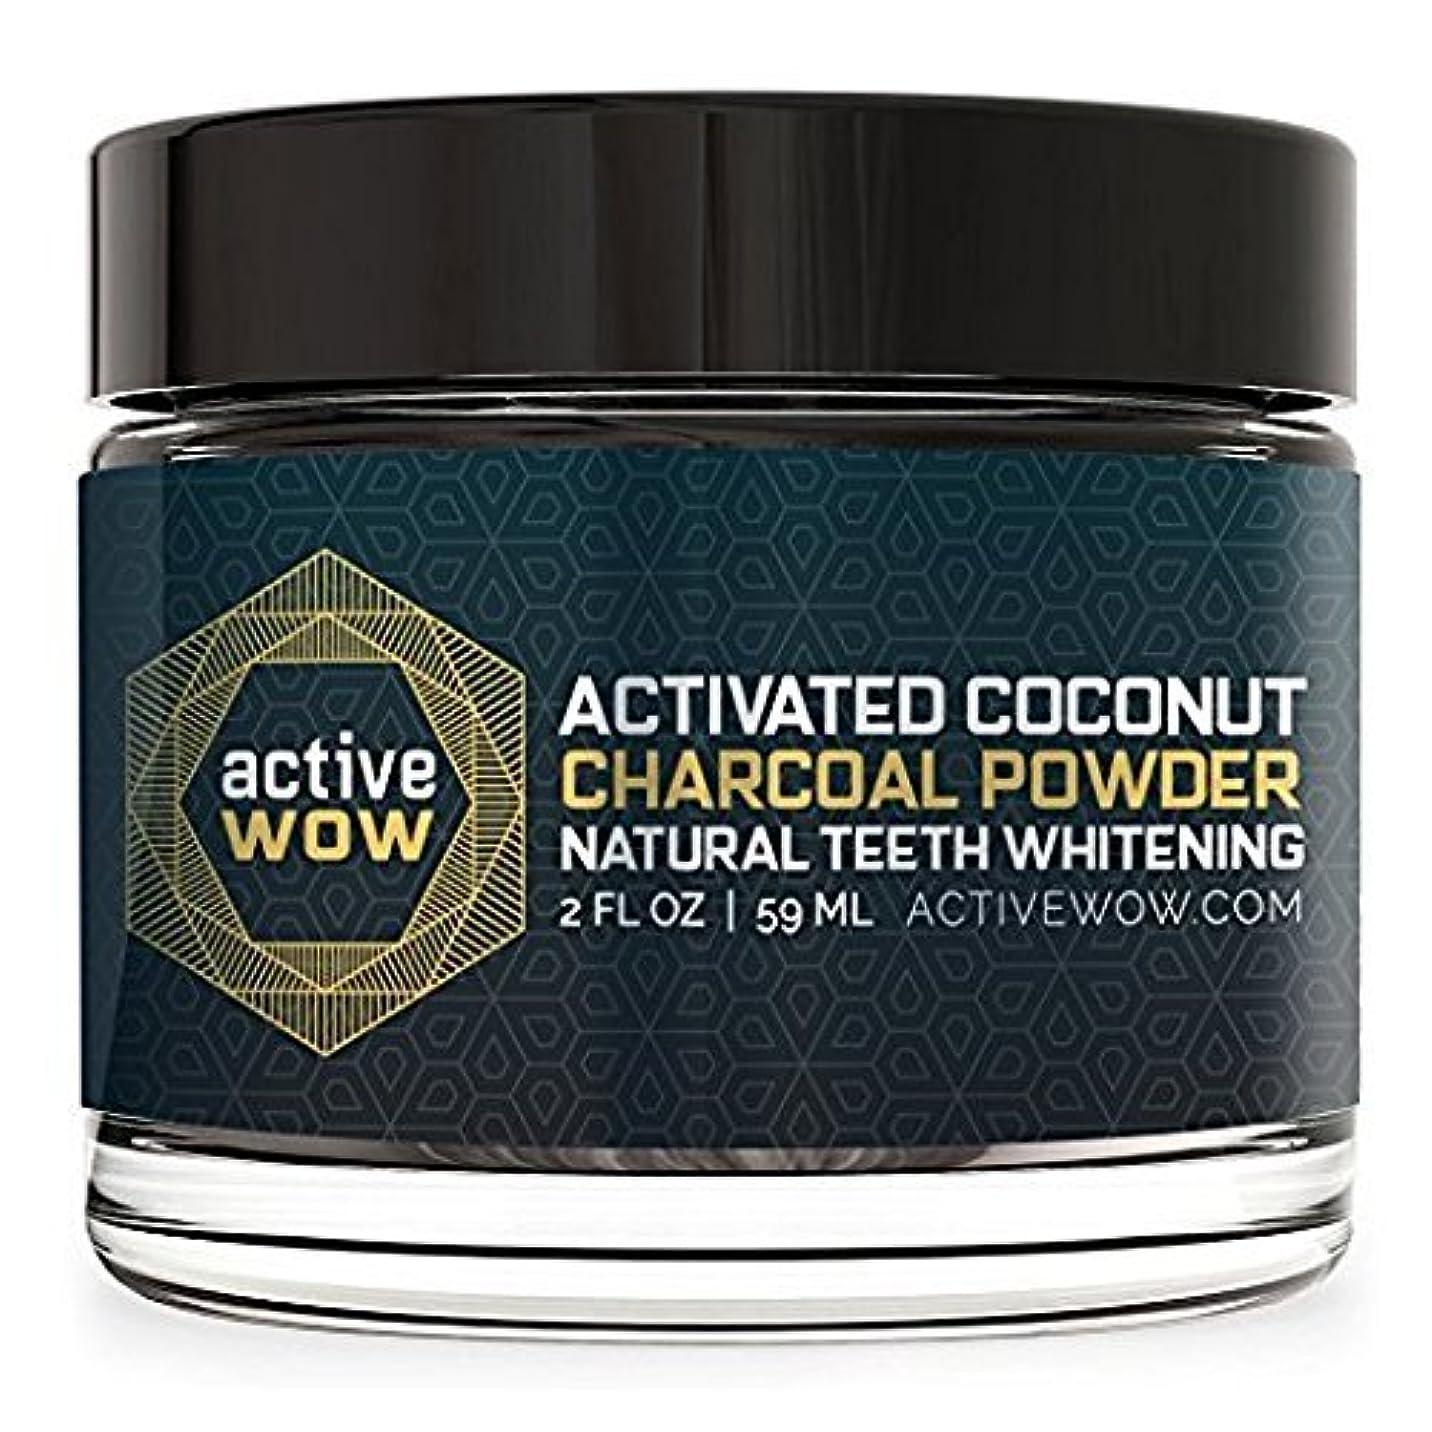 噂神の補足アメリカで売れている 炭パウダー歯のホワイトニング Teeth Whitening Charcoal Powder Natural [並行輸入品]